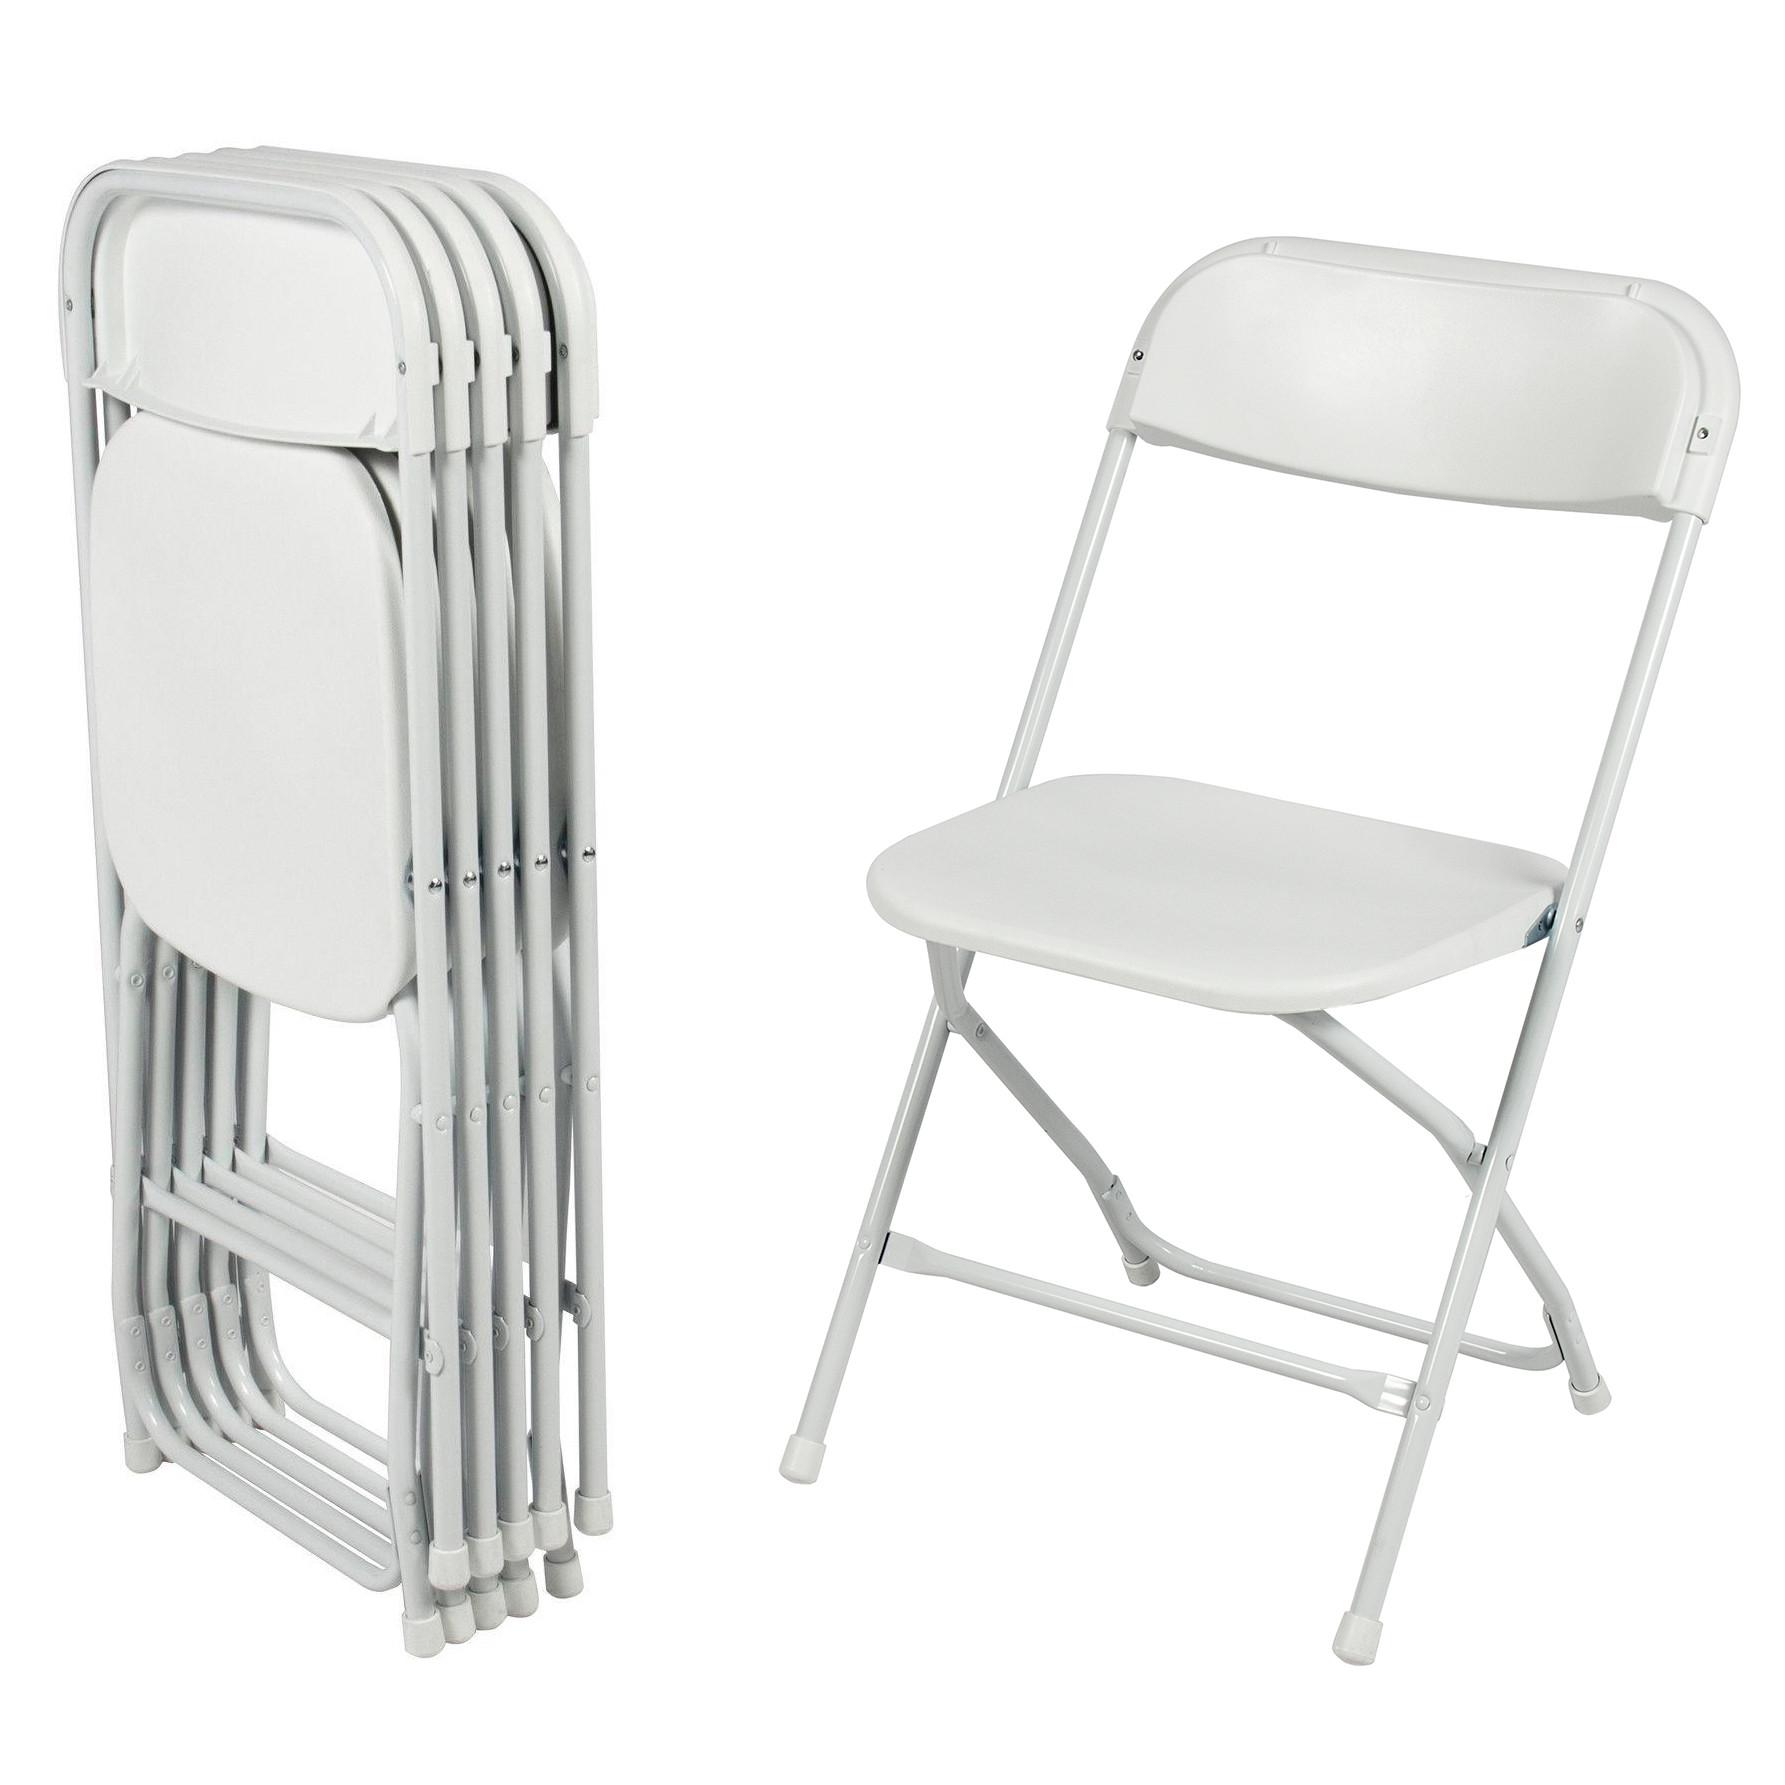 Стул складной для дома, конференций, пикника CarryOn Etna белый (6 штук)